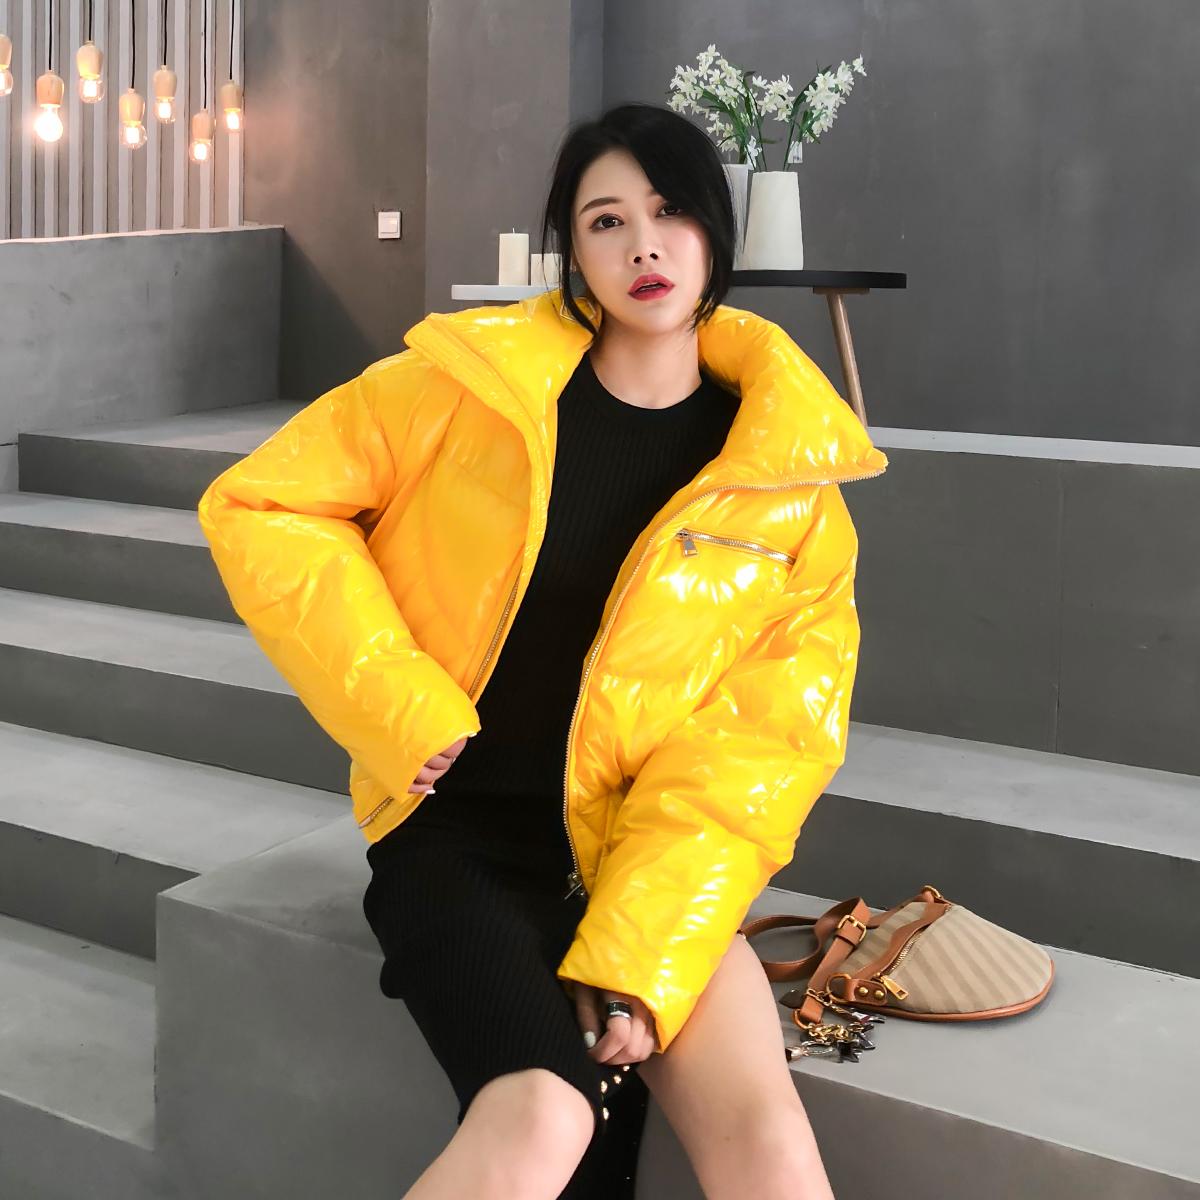 黄色羽绒服 黄色亮面小个子短款羽绒服女 秋冬时尚加厚80%白鸭绒面包服外套_推荐淘宝好看的黄色羽绒服